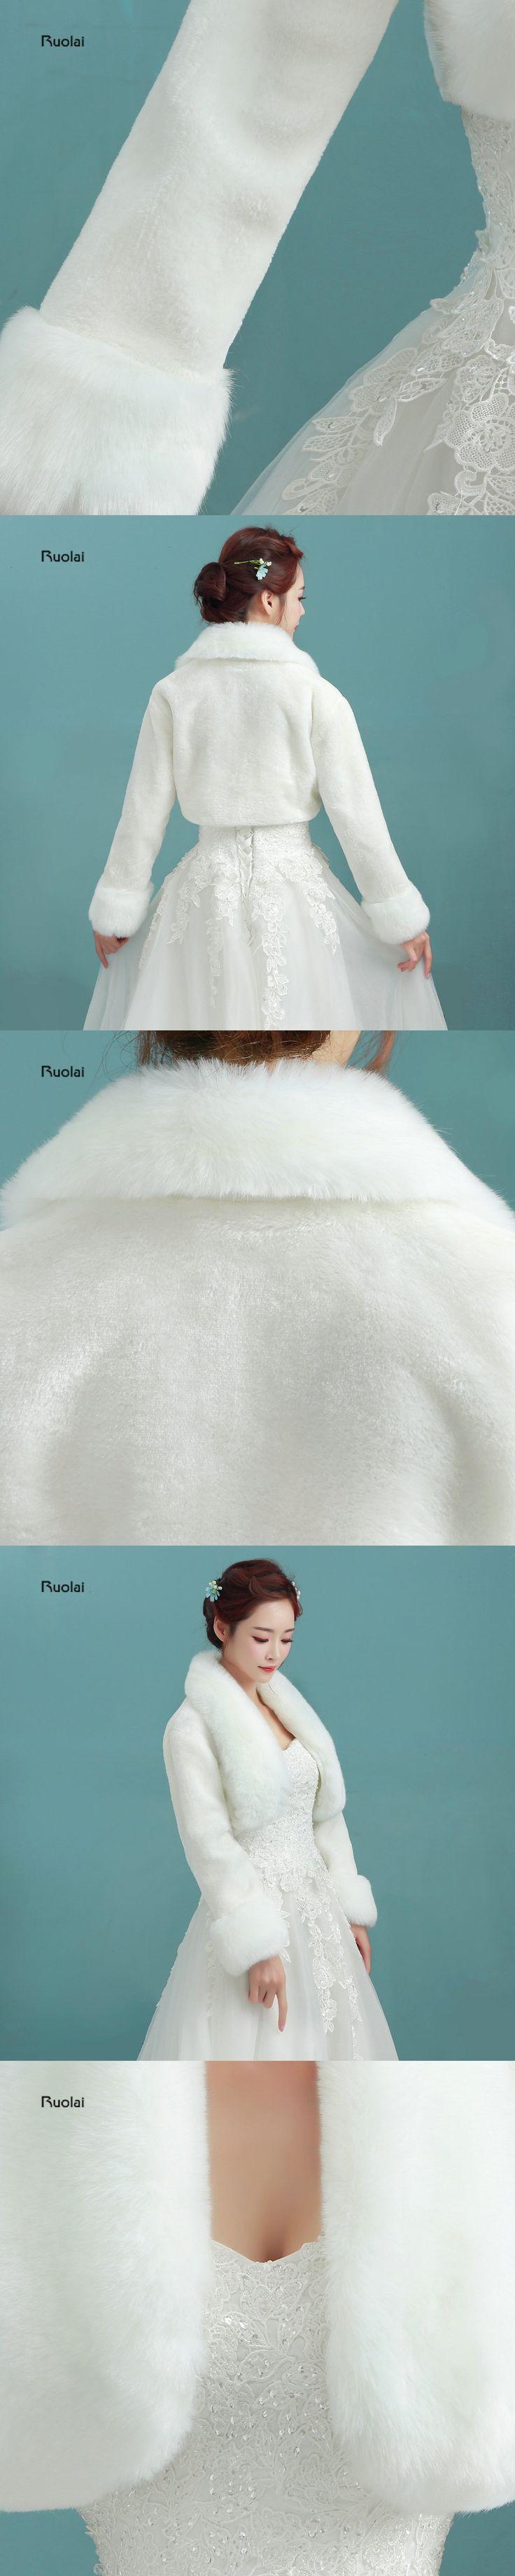 2017 Hot Sale In Stock Ivory Elegant Bridal Fur Wedding Boleros Jacket Wrap Ivory Shawl Bolero For Wedding Party